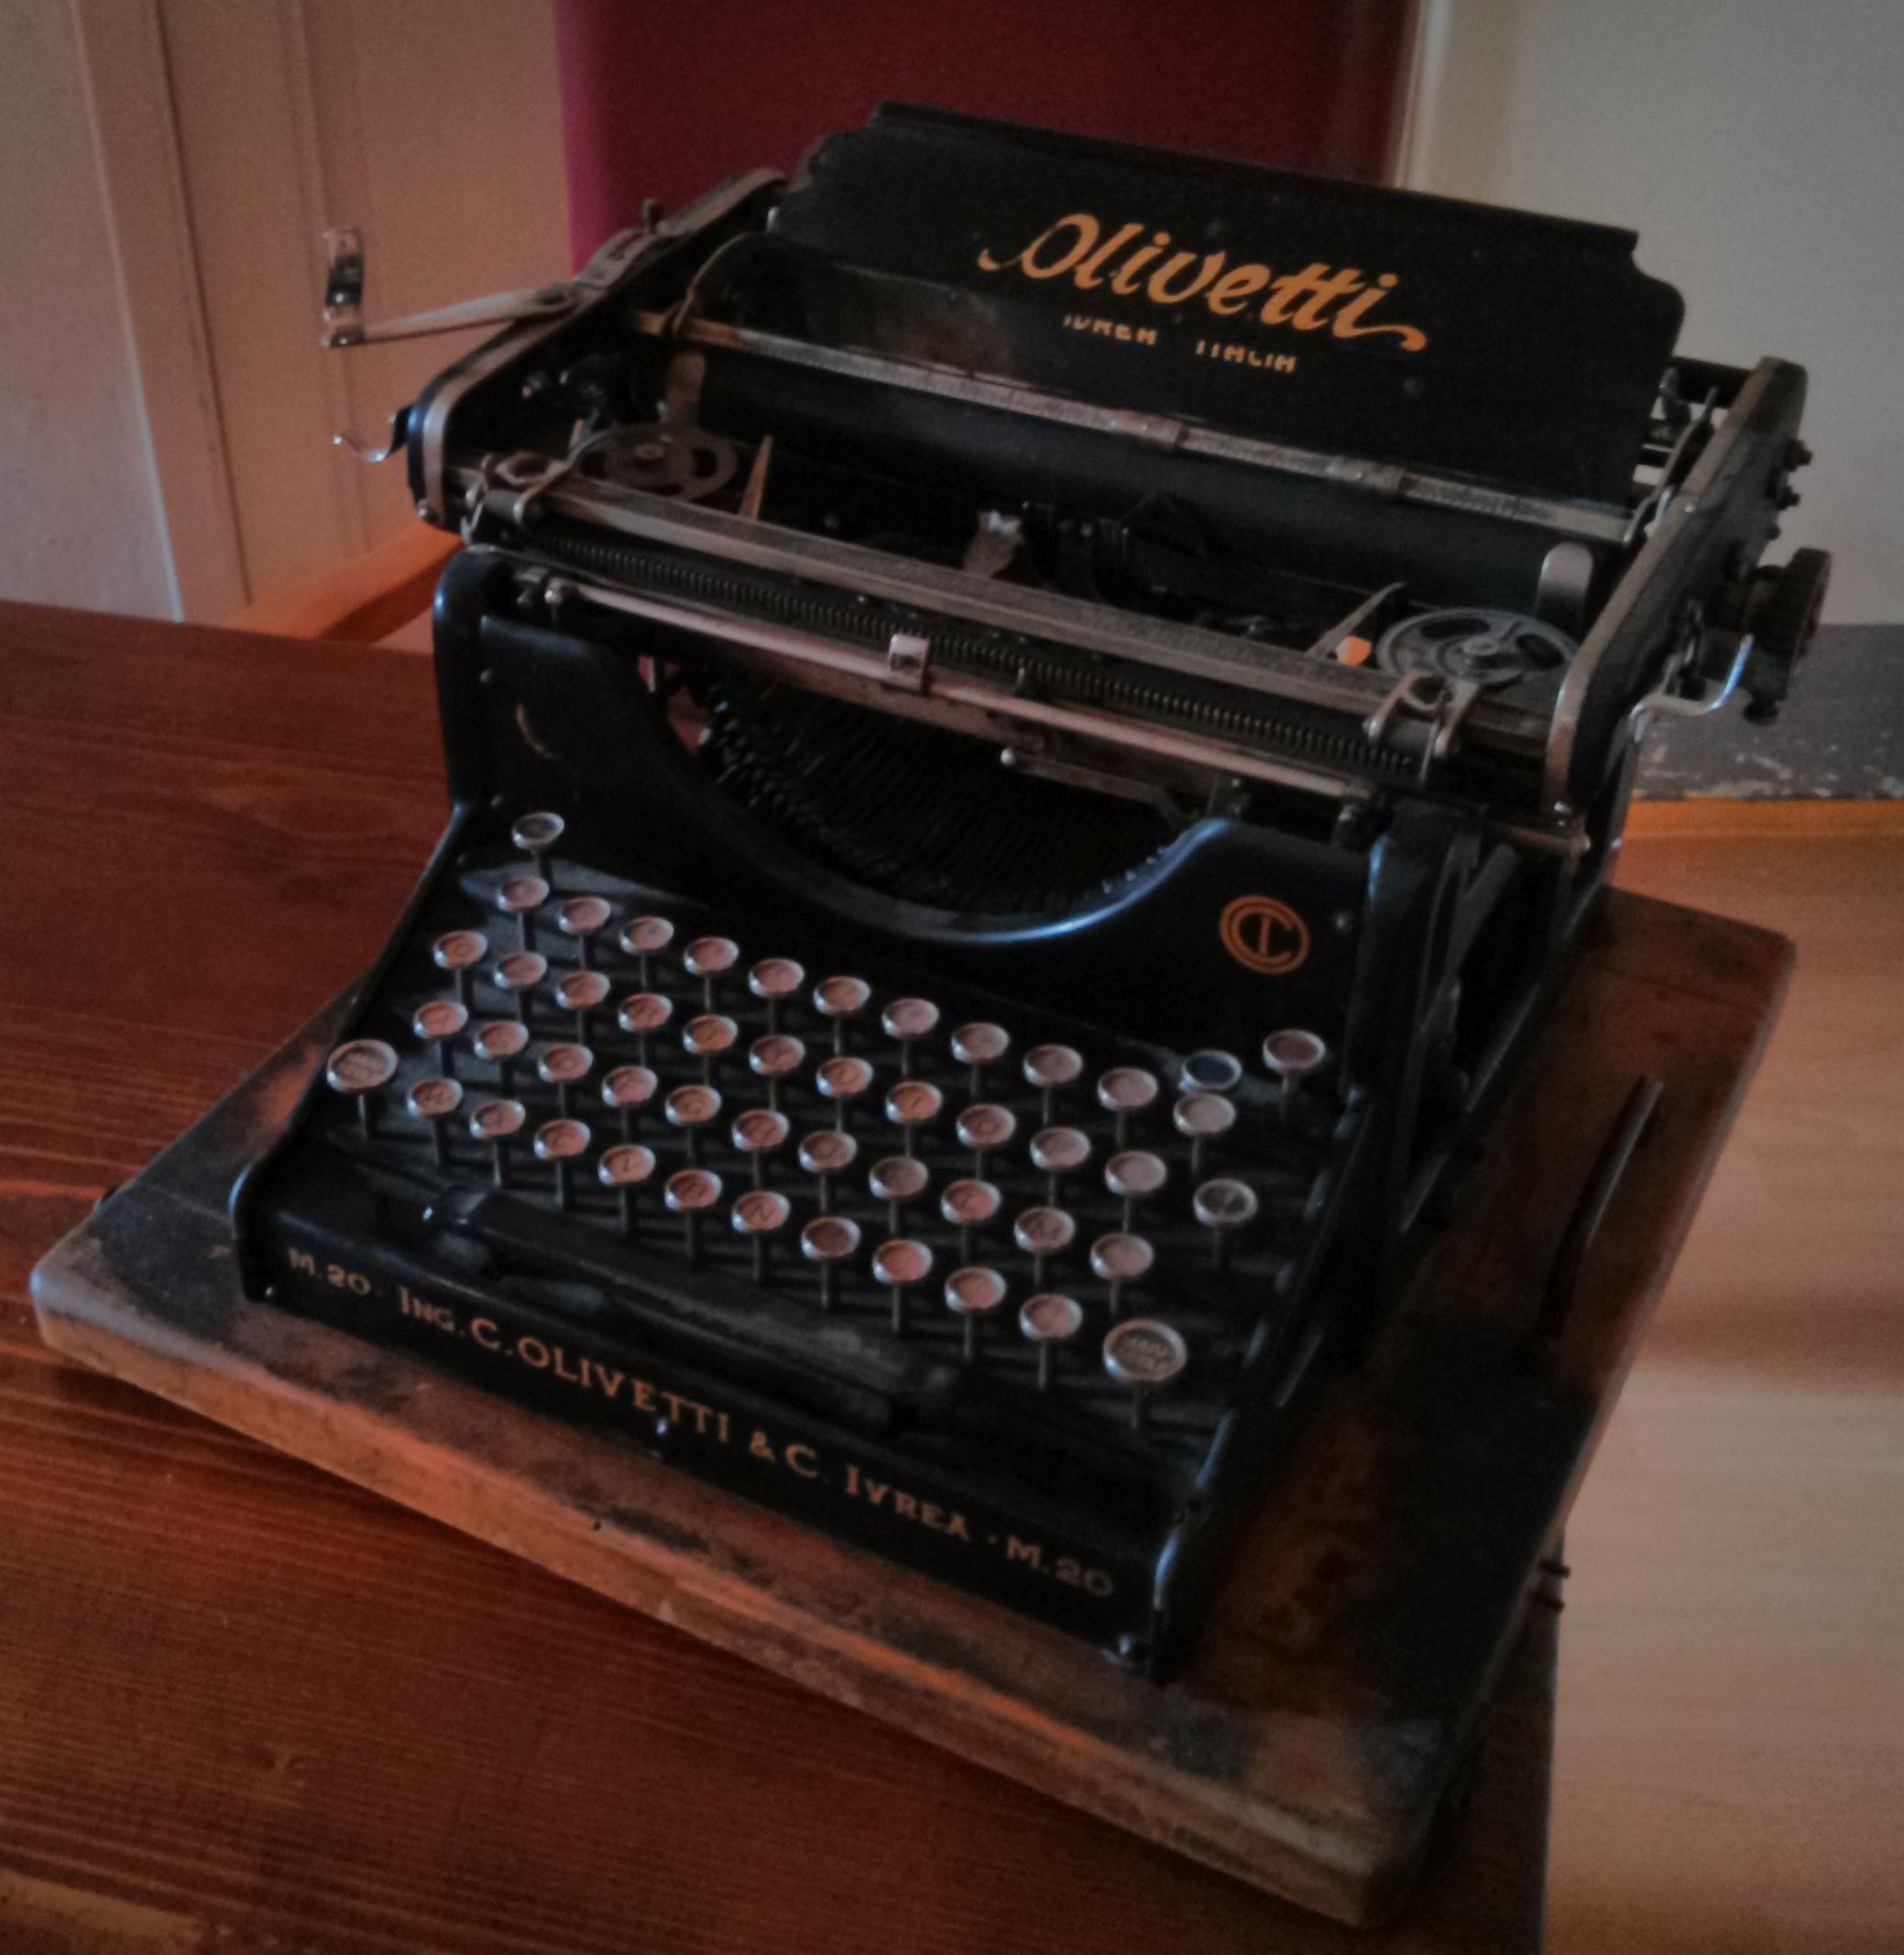 Olivetti_M20_typewriter_(2)